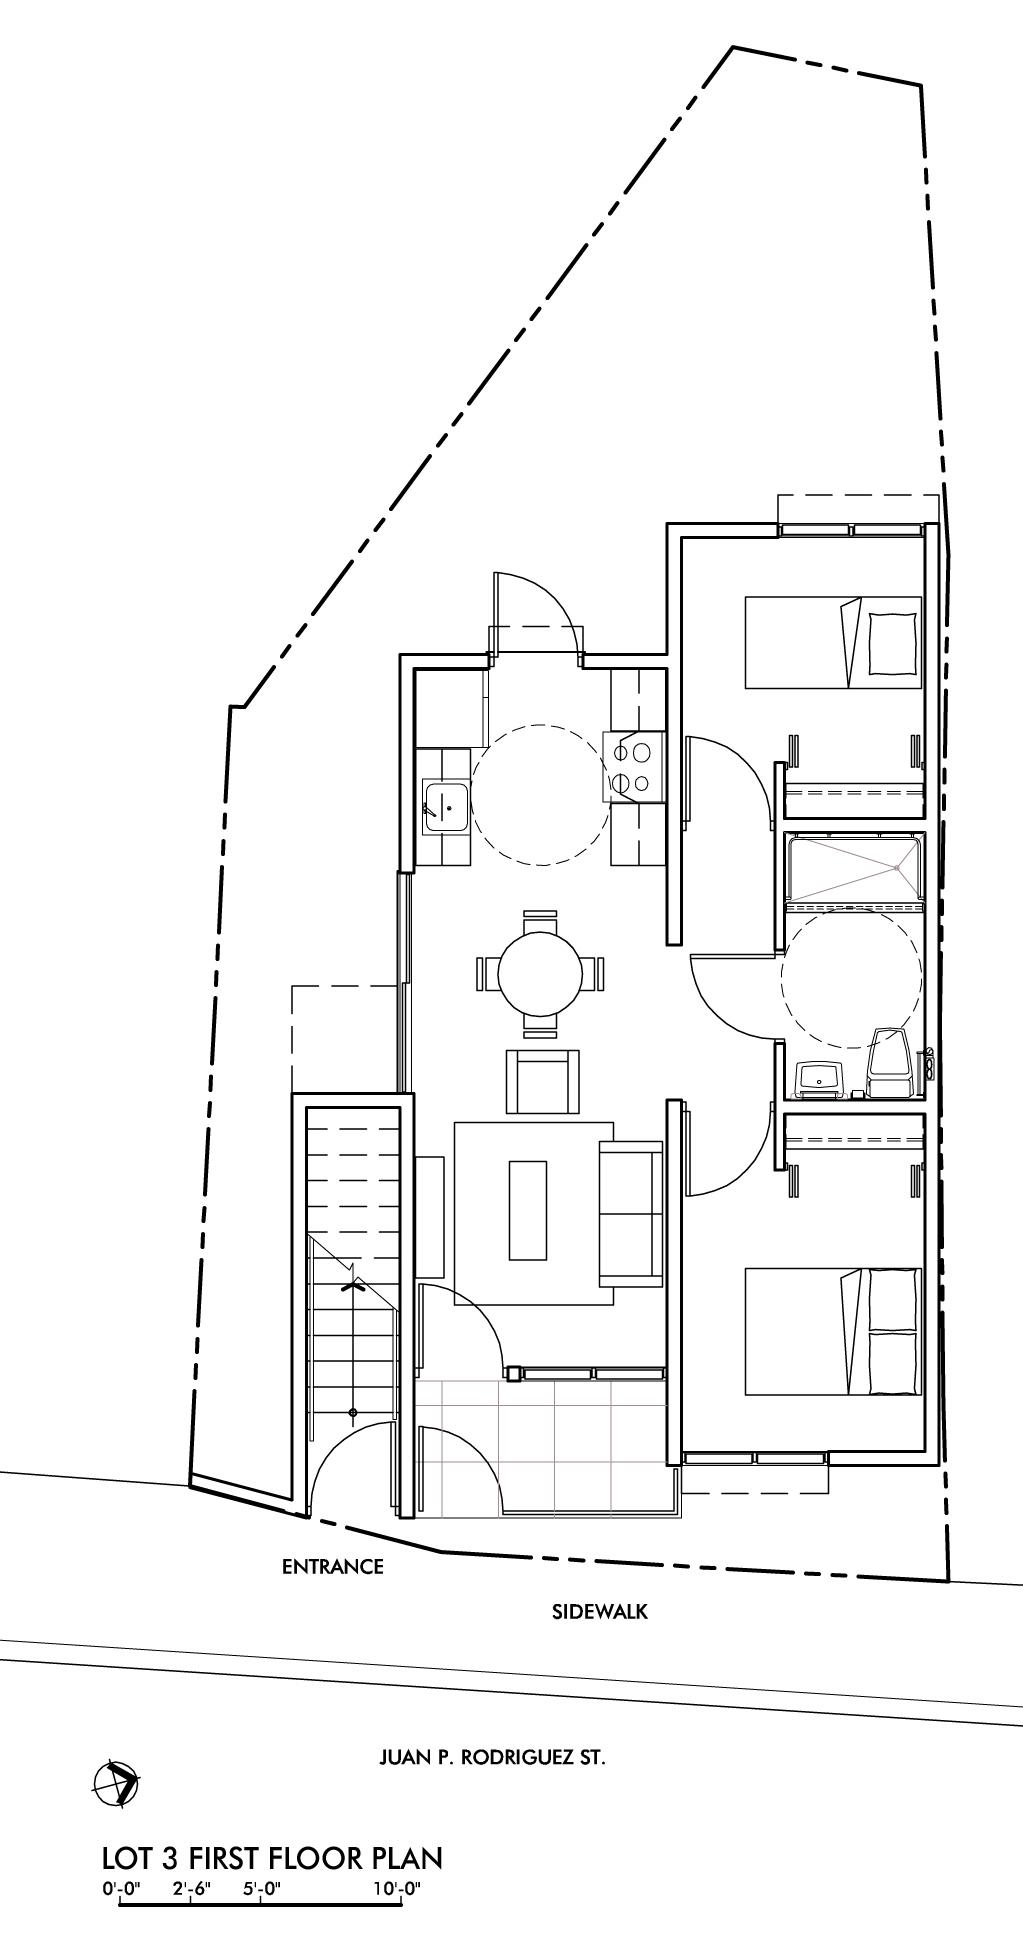 lote 3 first floor plan.jpg